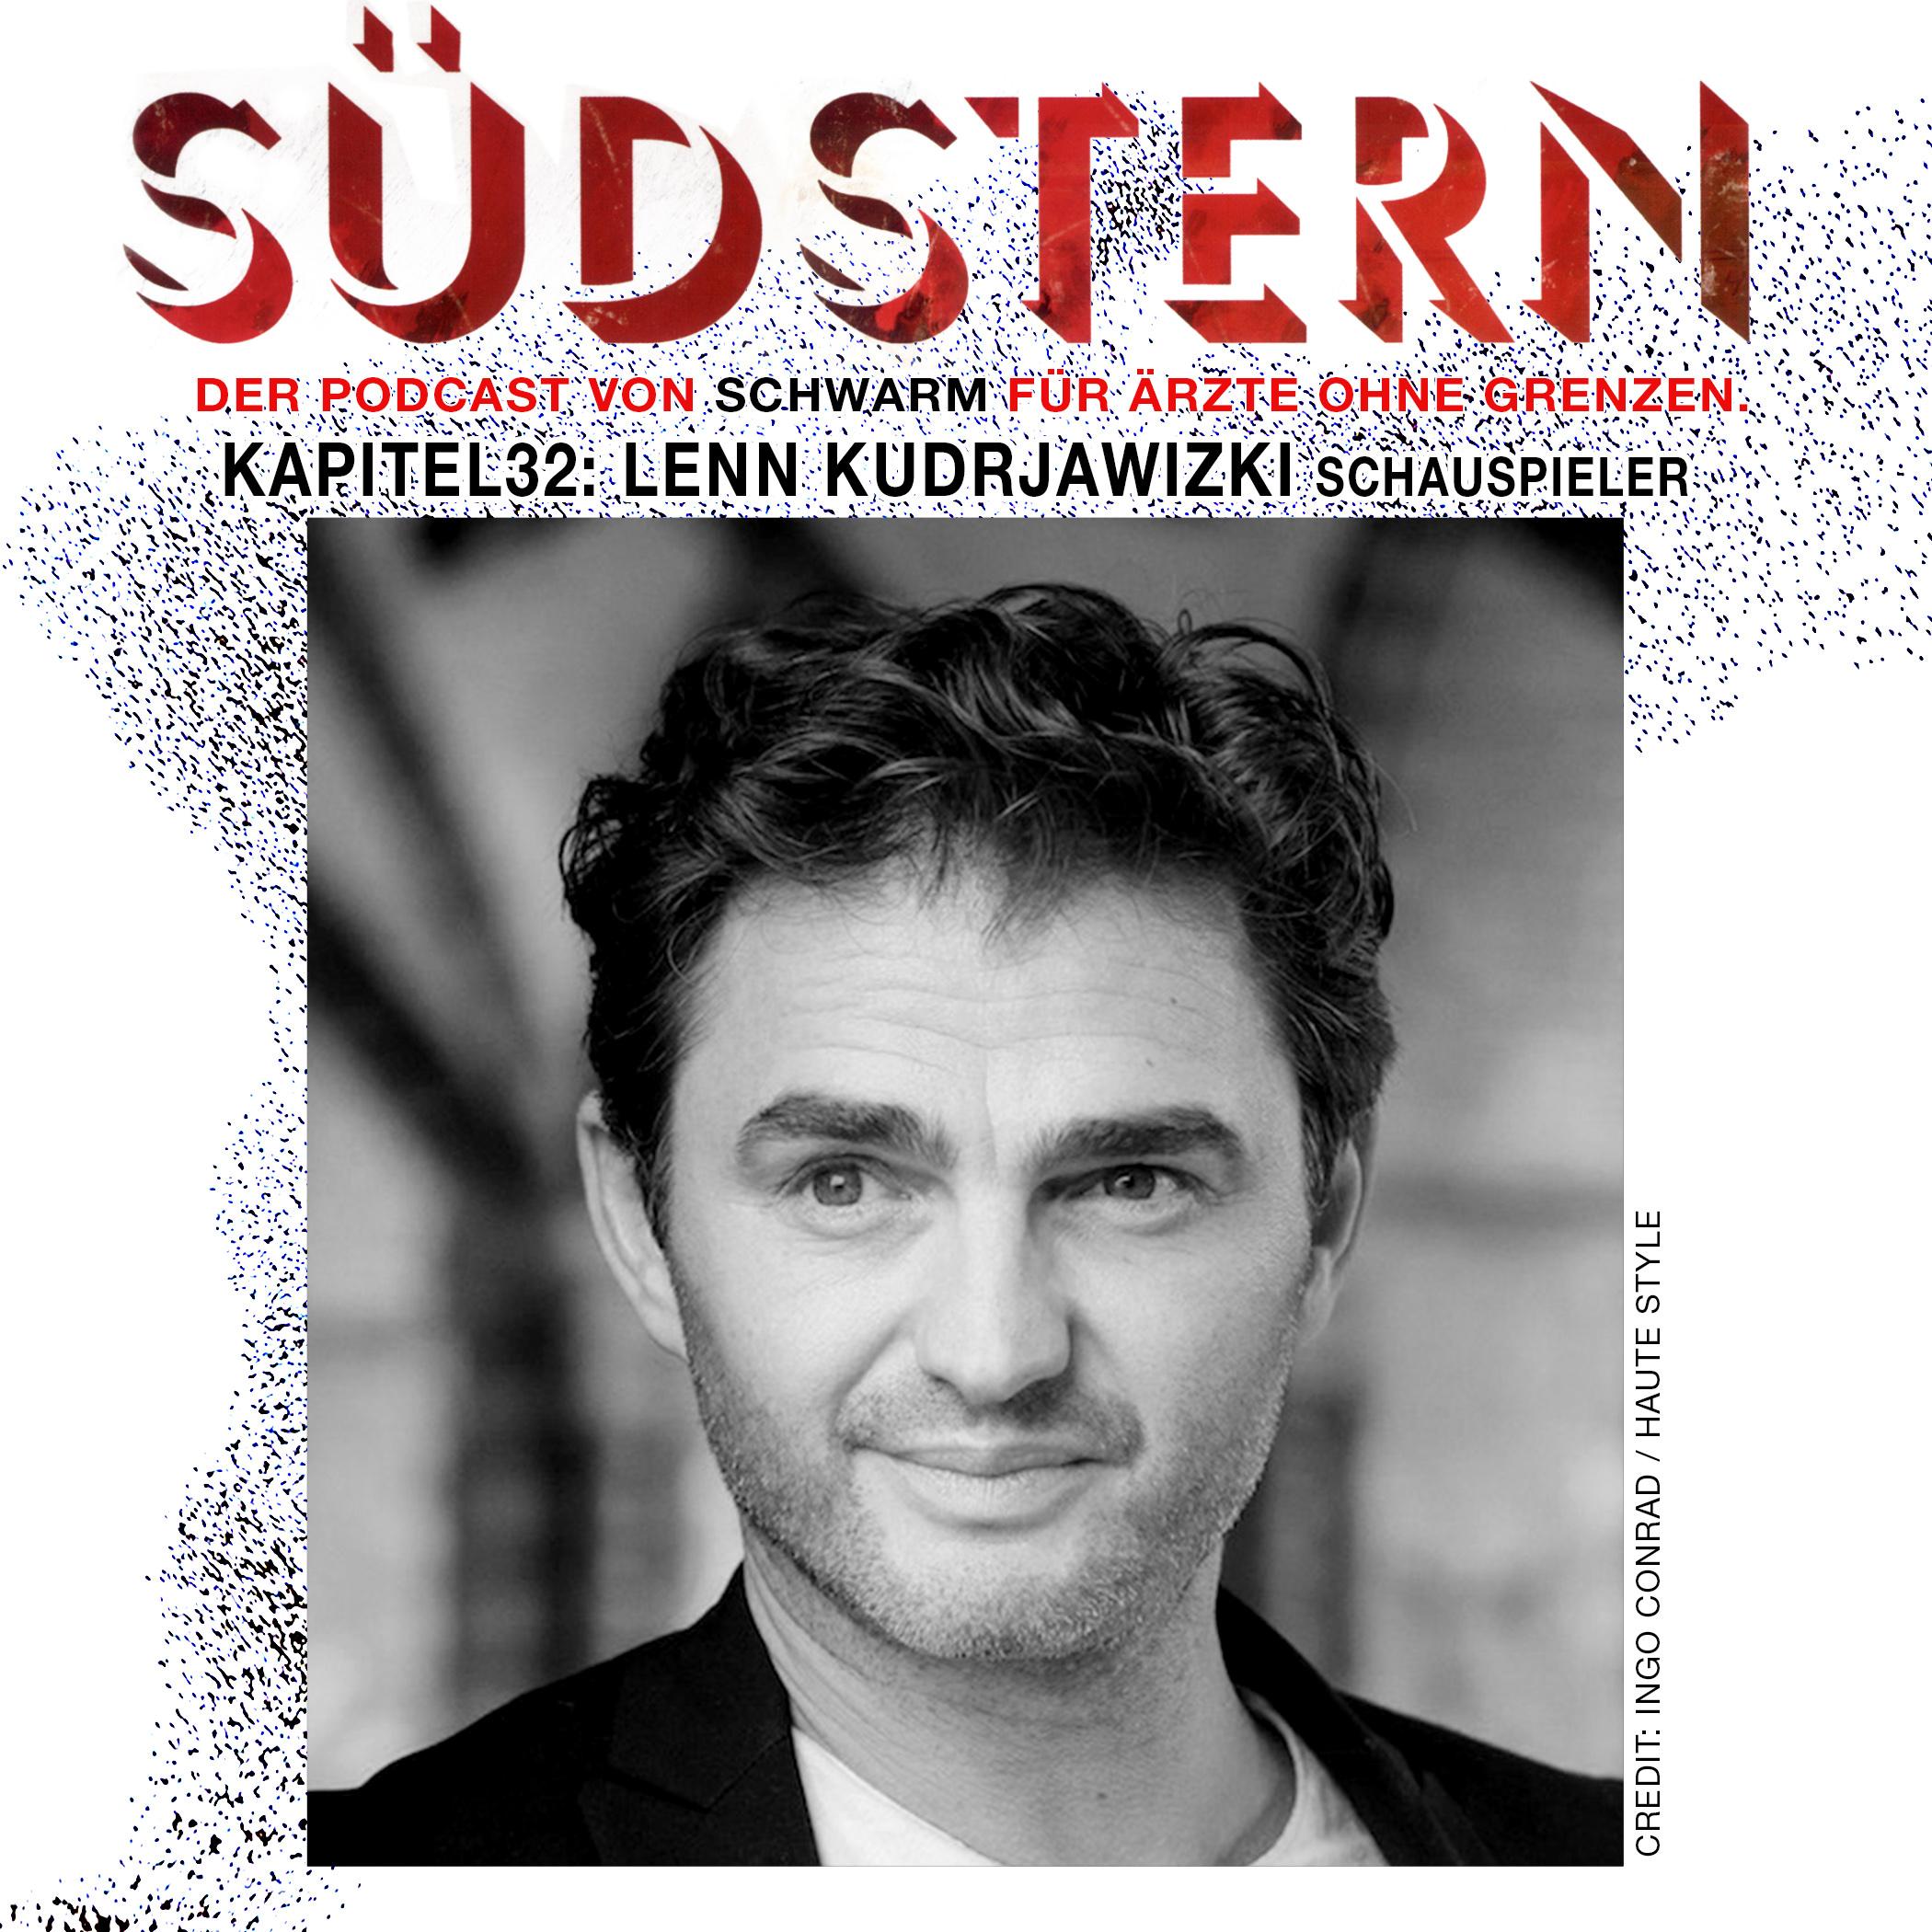 Kapitel 32 gelesen von Lenn Kudrjawizki